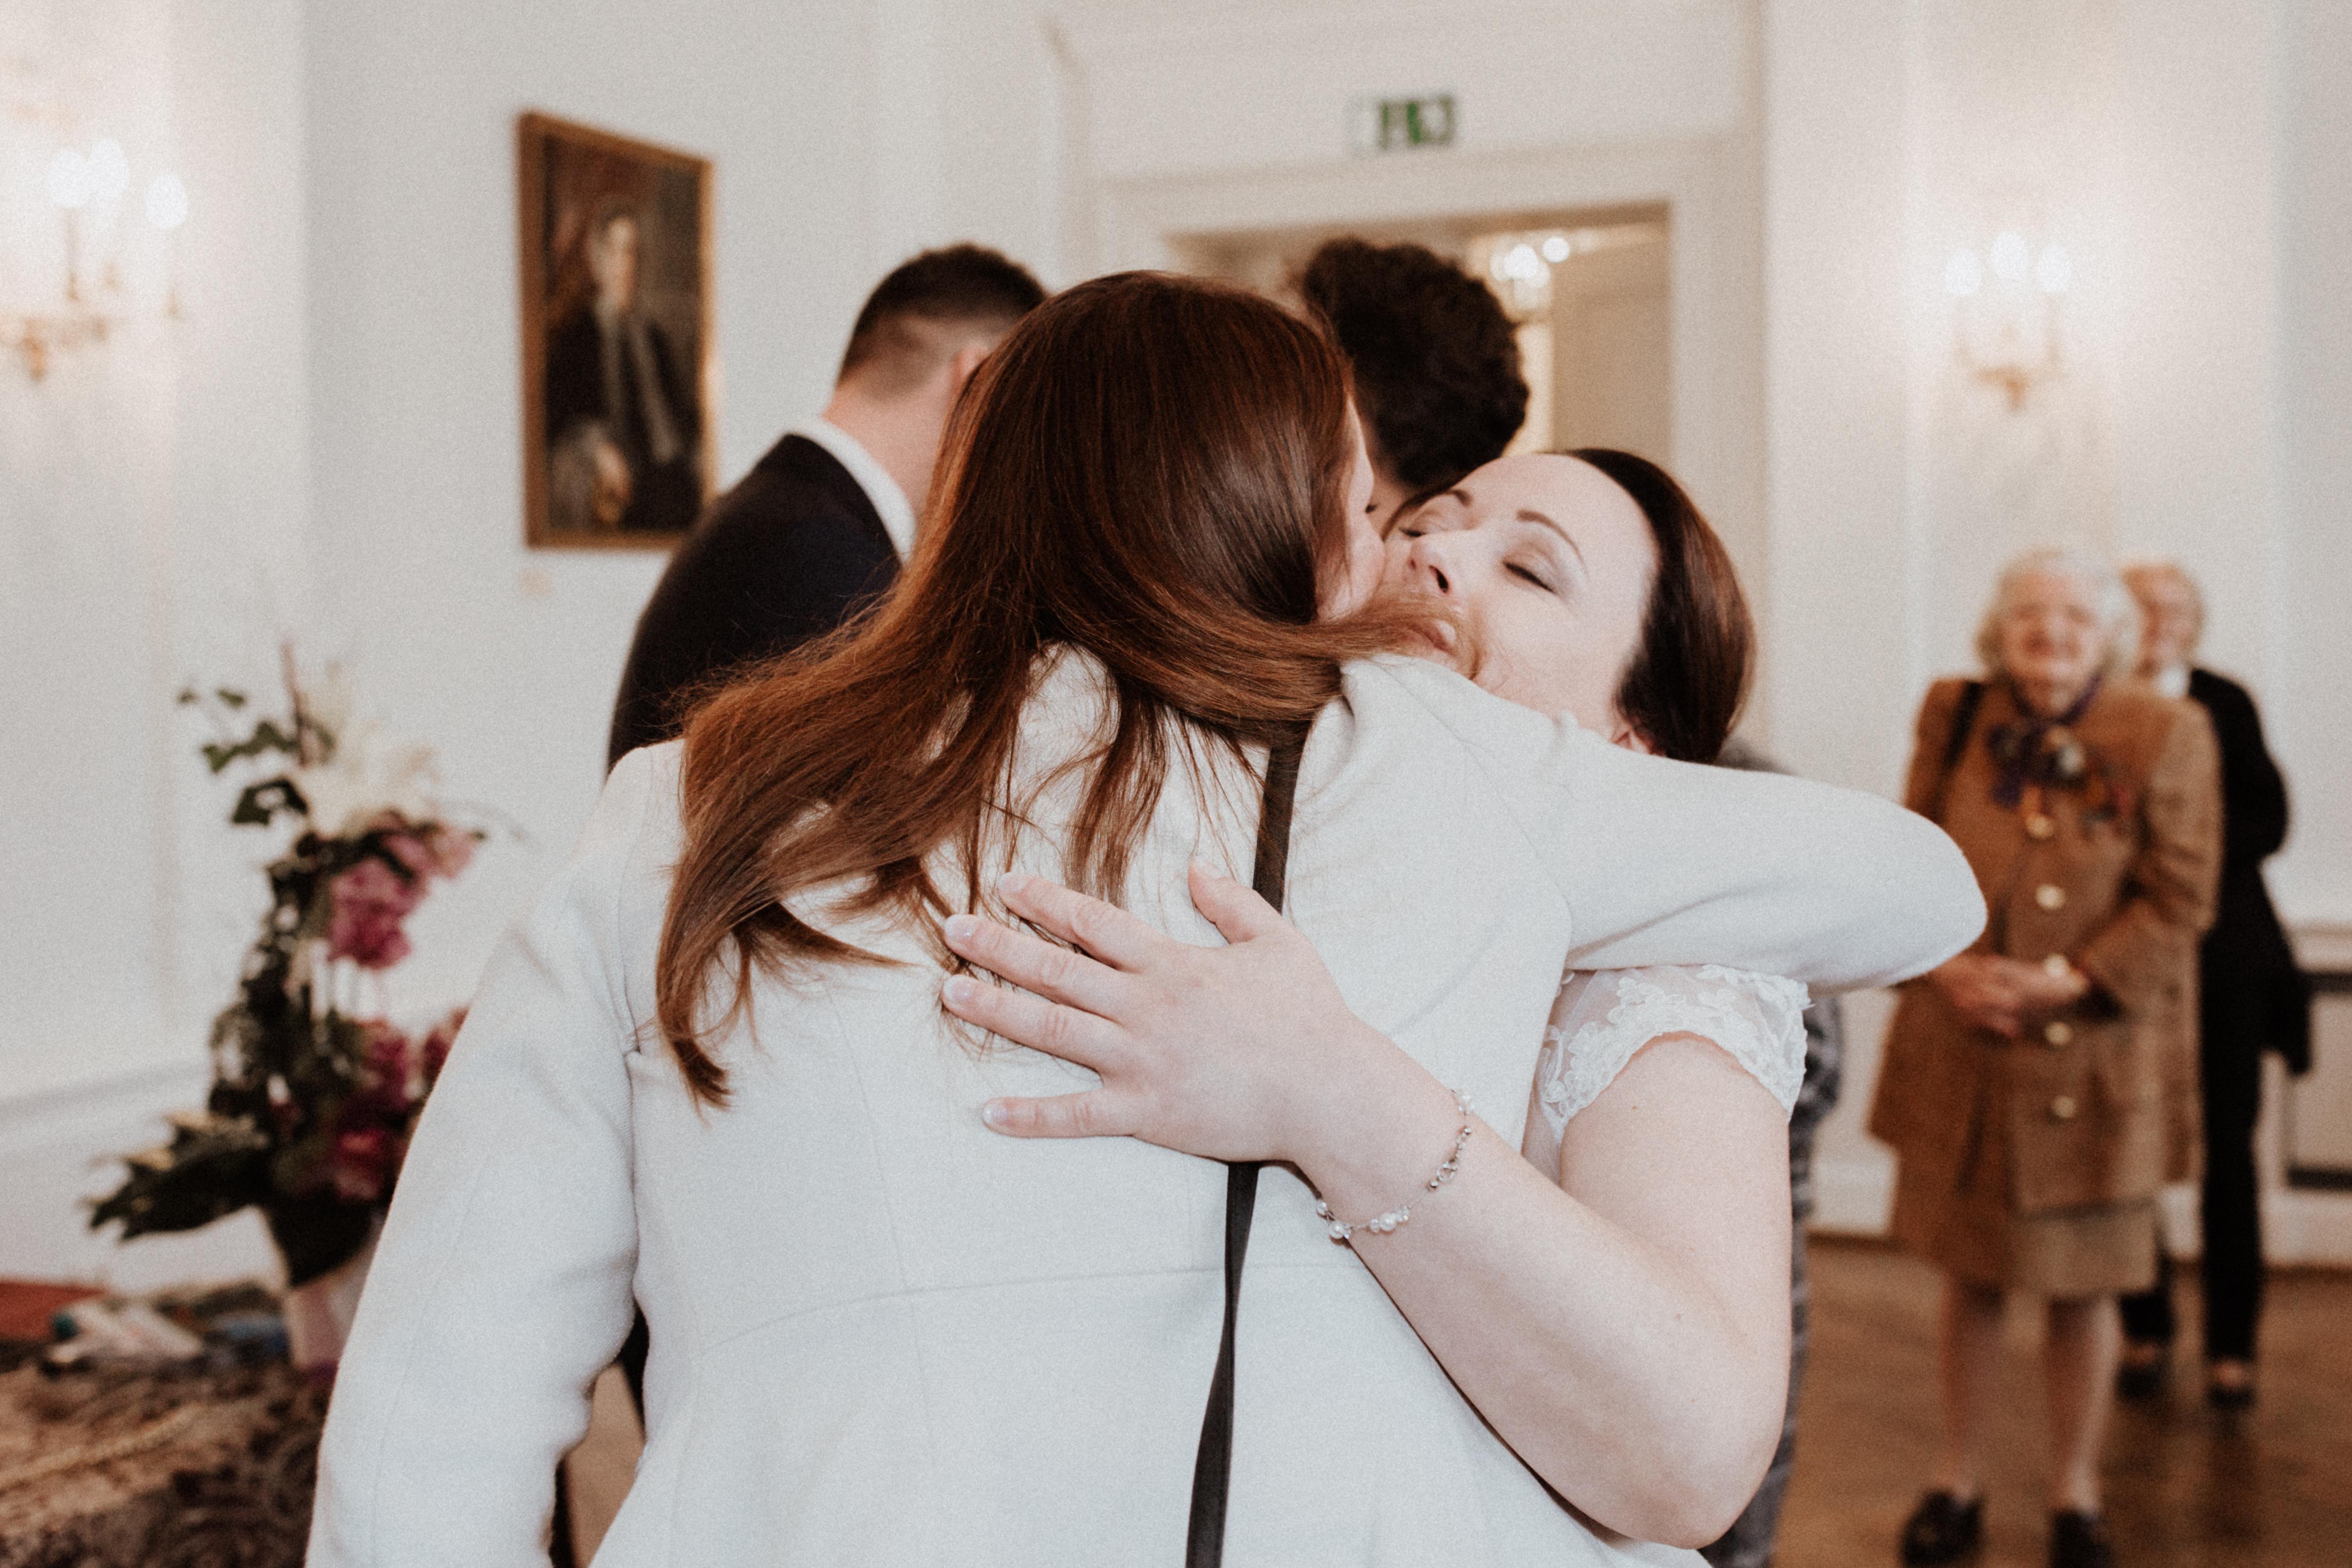 URBANERIE_Daniela_Goth_Hochzeitsfotografin_Nürnberg_Fürth_Erlangen_Schwabach_171007_0376